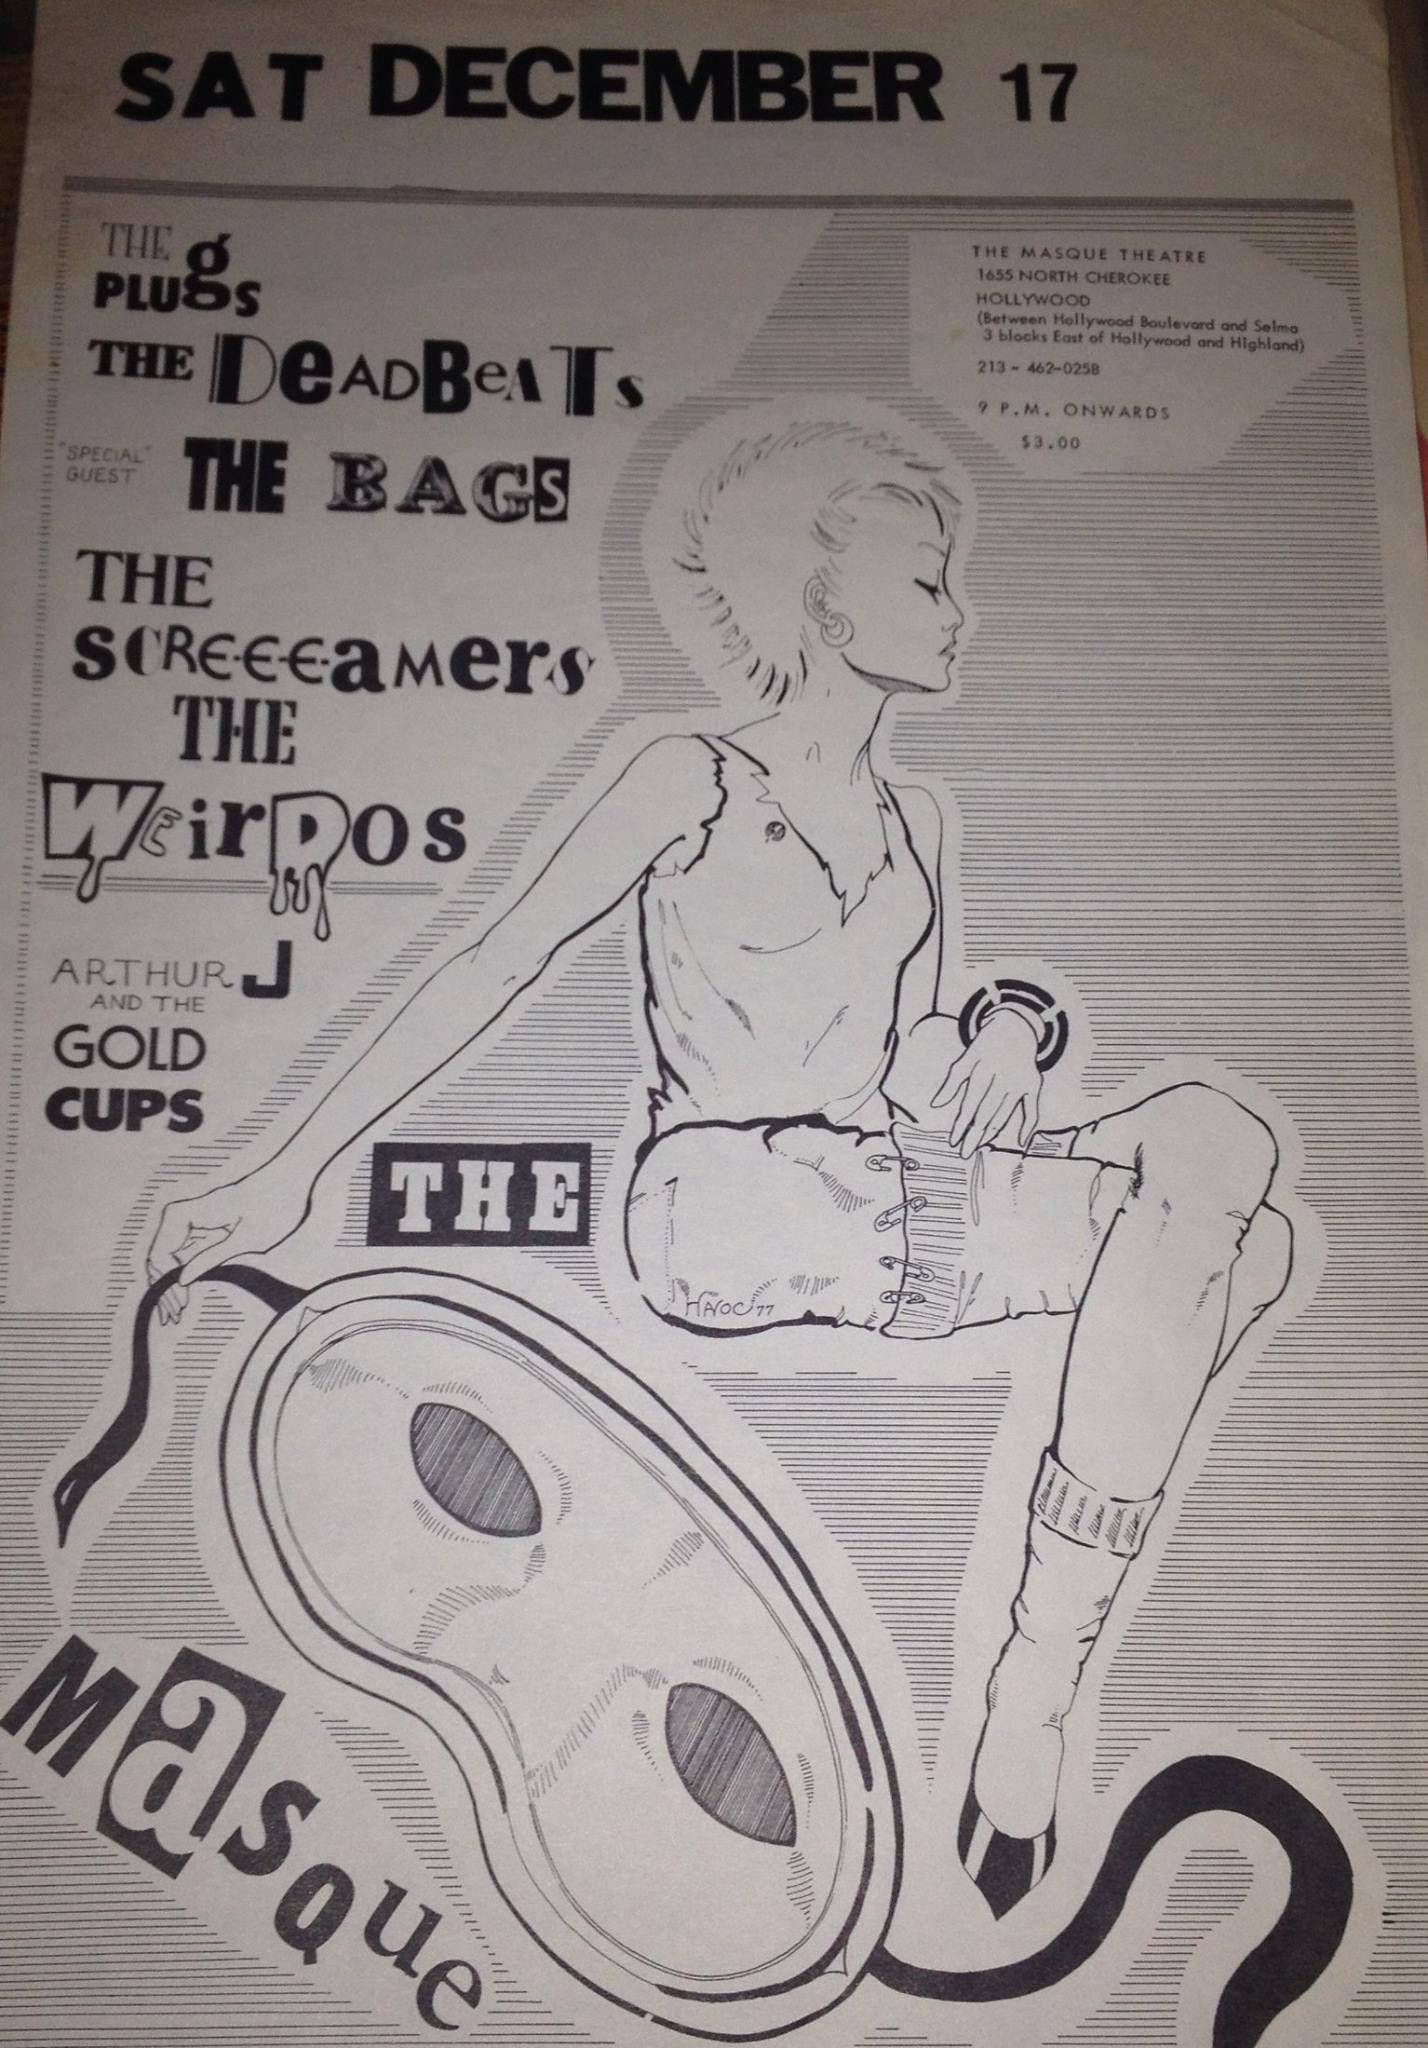 Original Masque show flyer, 1977